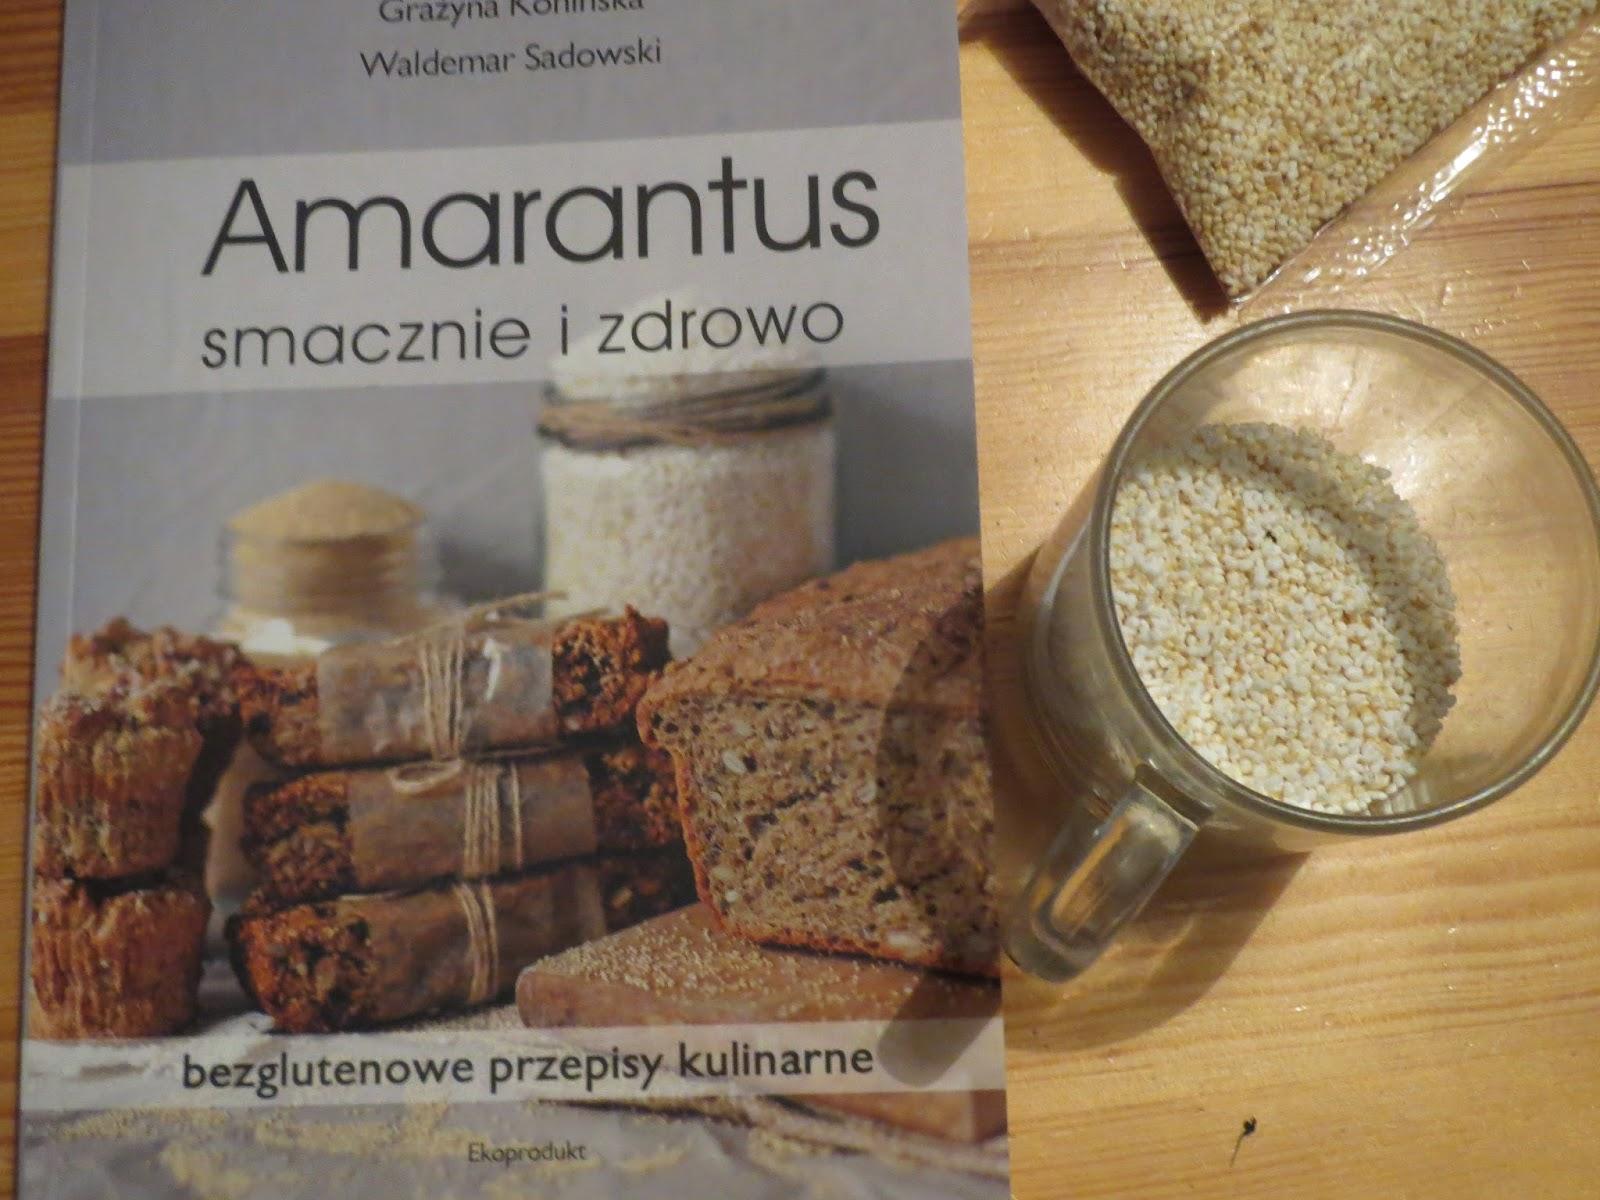 http://www.sklepbezglutenowy.com.pl/amarantus-smacznie-i-zdrowo-poradnik-kulinarny,id1376.html